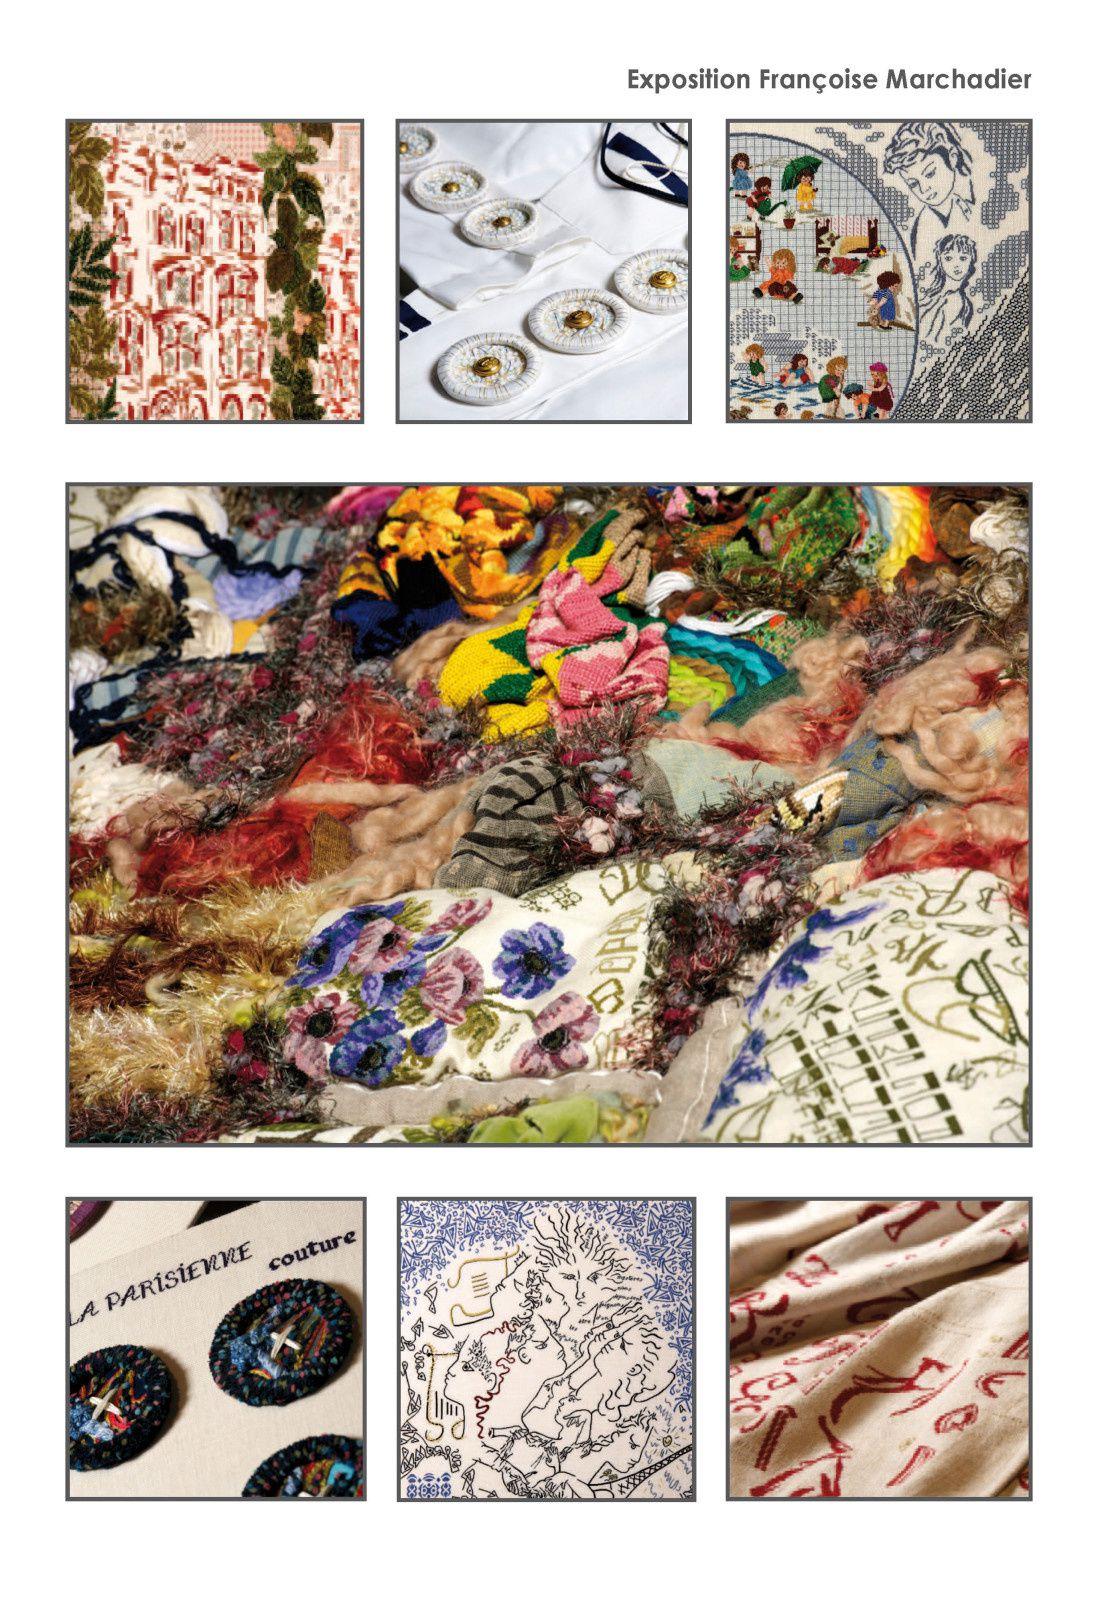 Premier salon des loisirs creatifs a poitiers le blog de la d l gation fp du tarn - Salon des loisirs creatifs poitiers ...